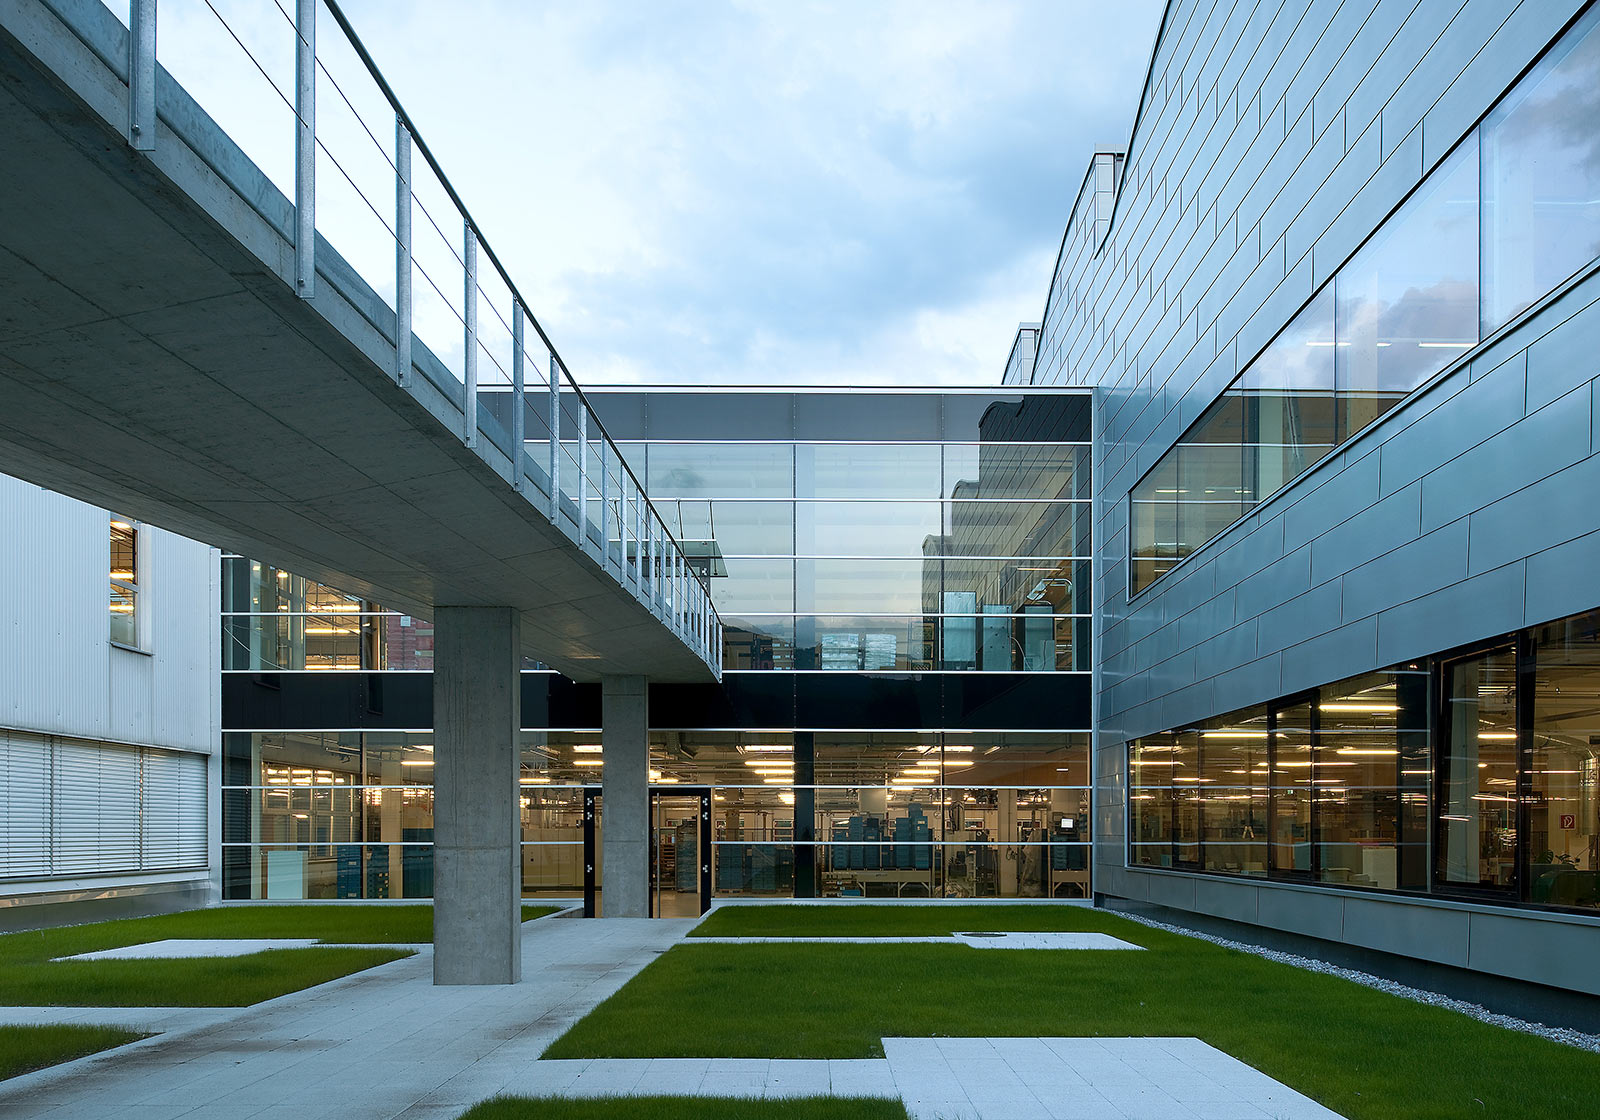 В 2010 году Hilti P4plus стало первым промышленным зданием в Австрии, получившим серебря-ный сертификат ÖGNI. Источник фото: ATP/Jantscher